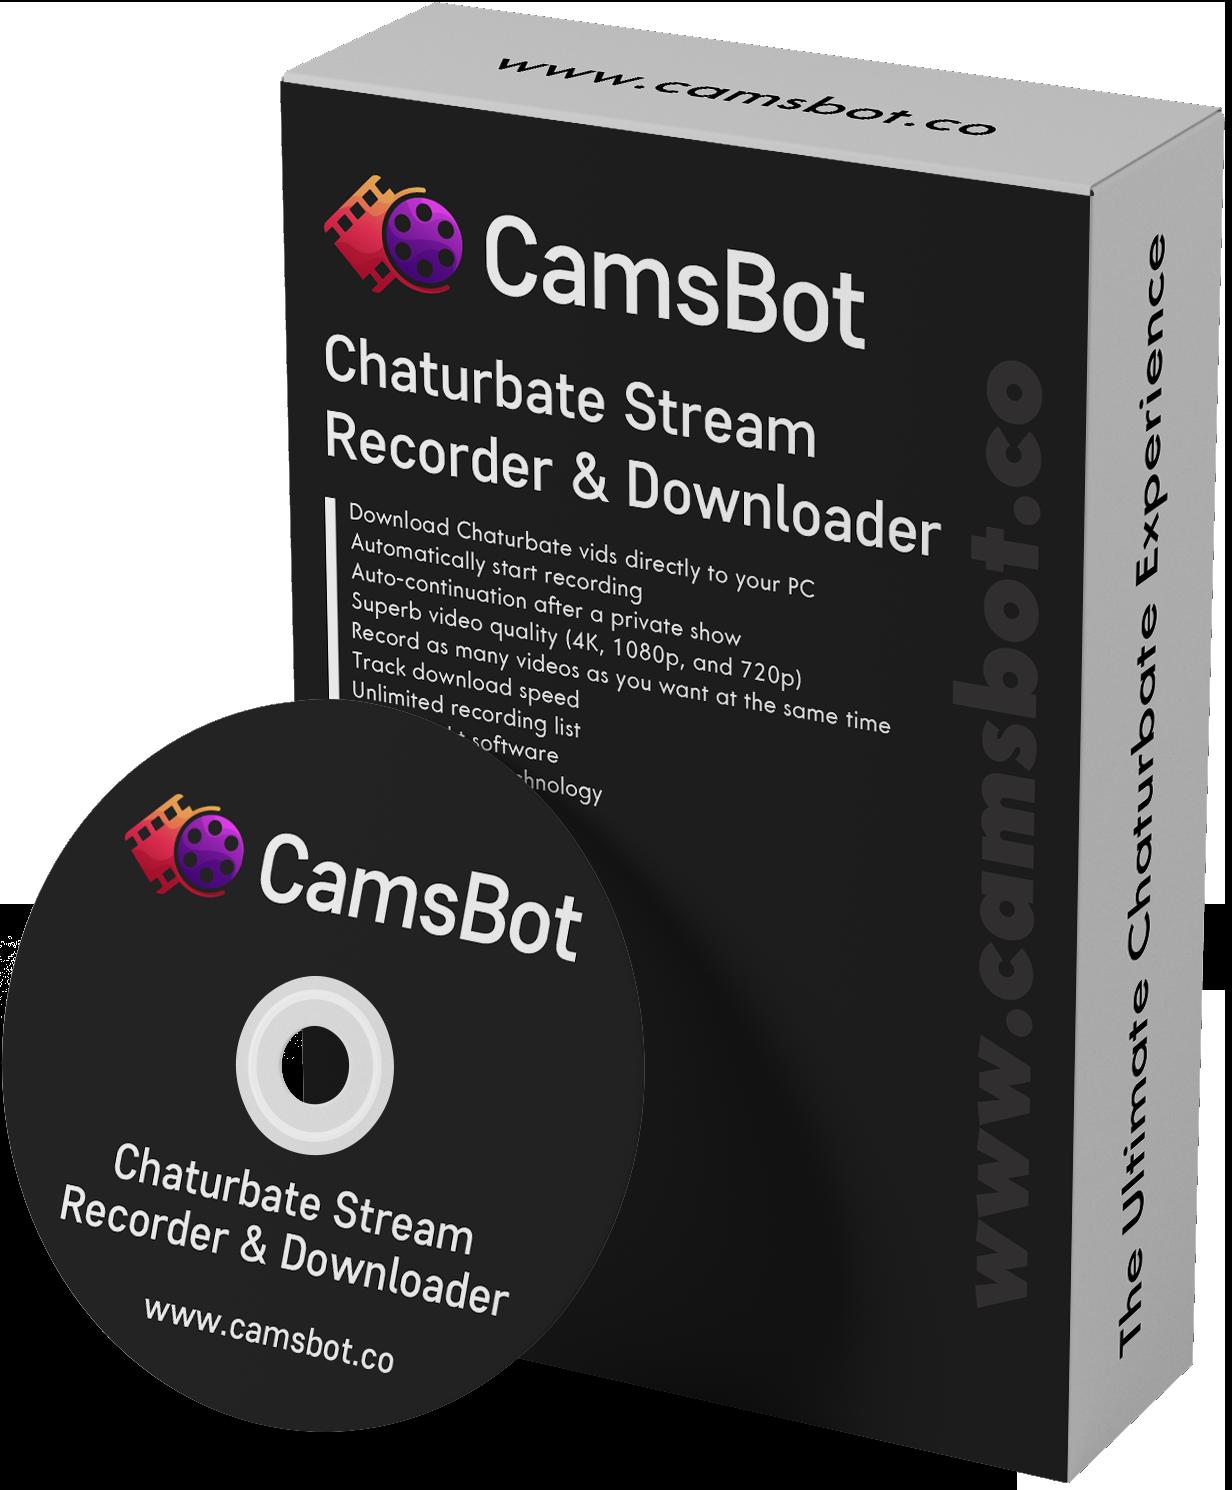 CamsBot software box